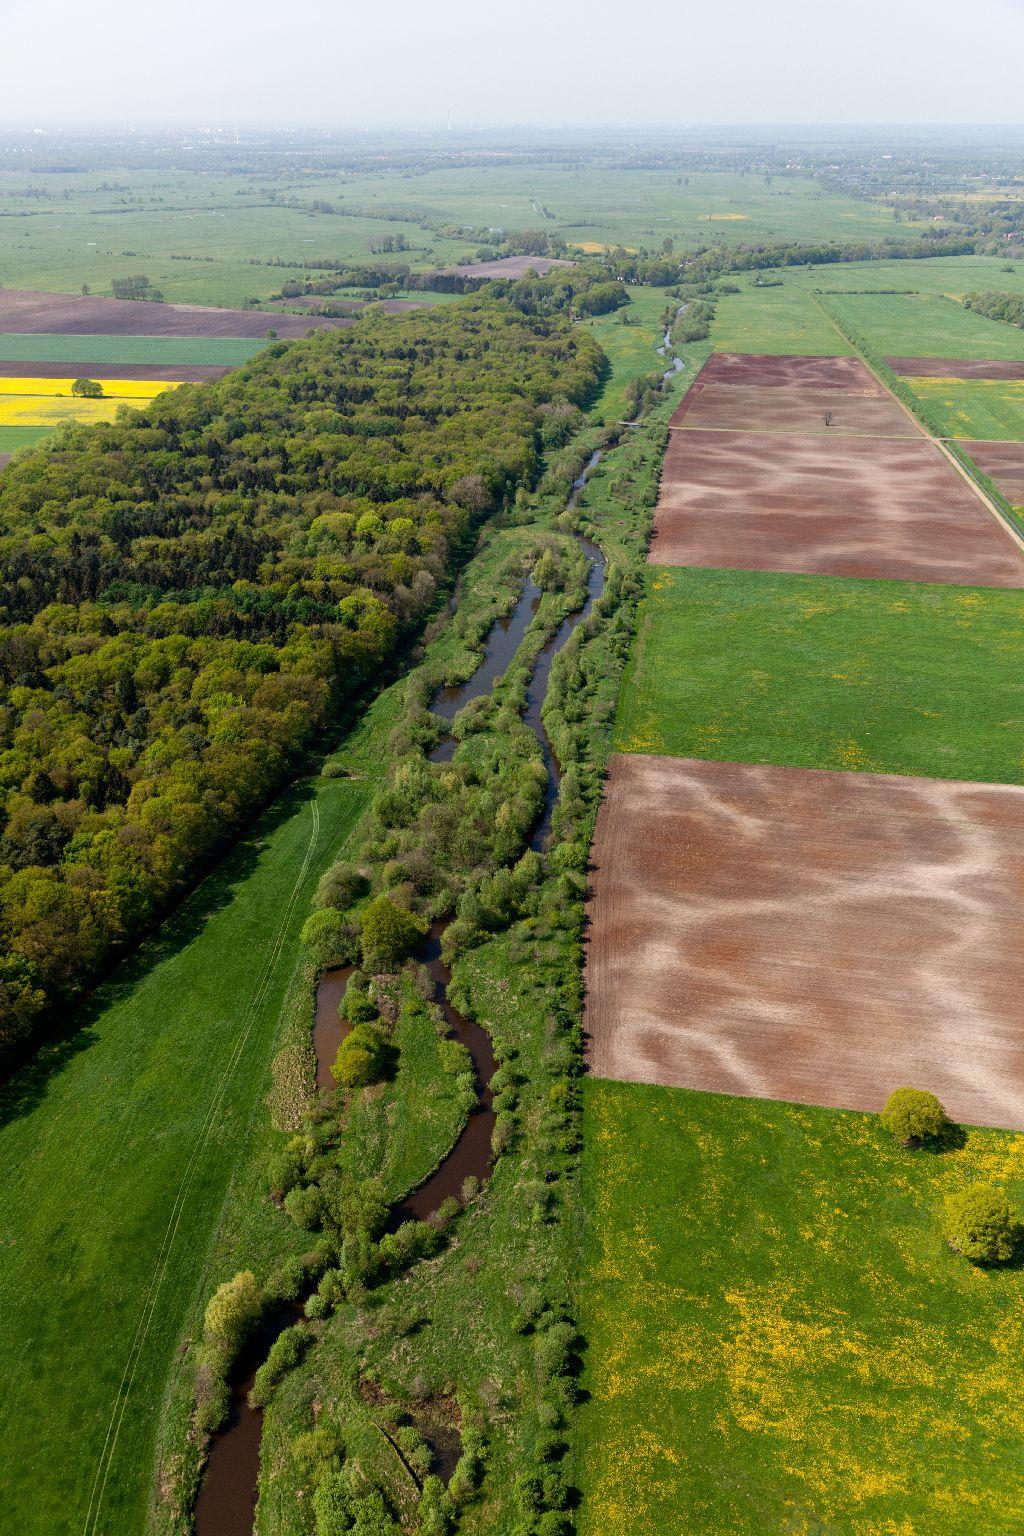 Luftbild eines renaturierten Abschnitts der Wümme. Mehrere Nebengerinne liegen entlang des geschwungenen Verlaufs des Hauptgewässers. Auf der einen Seite des Gewässers trennt ein Saum aus Gehölzen das Gewässer von den angrenzenden landwirtschaftlichen Flächen ab. Auf der anderen Seite finden sich Gras- und Waldflächen.